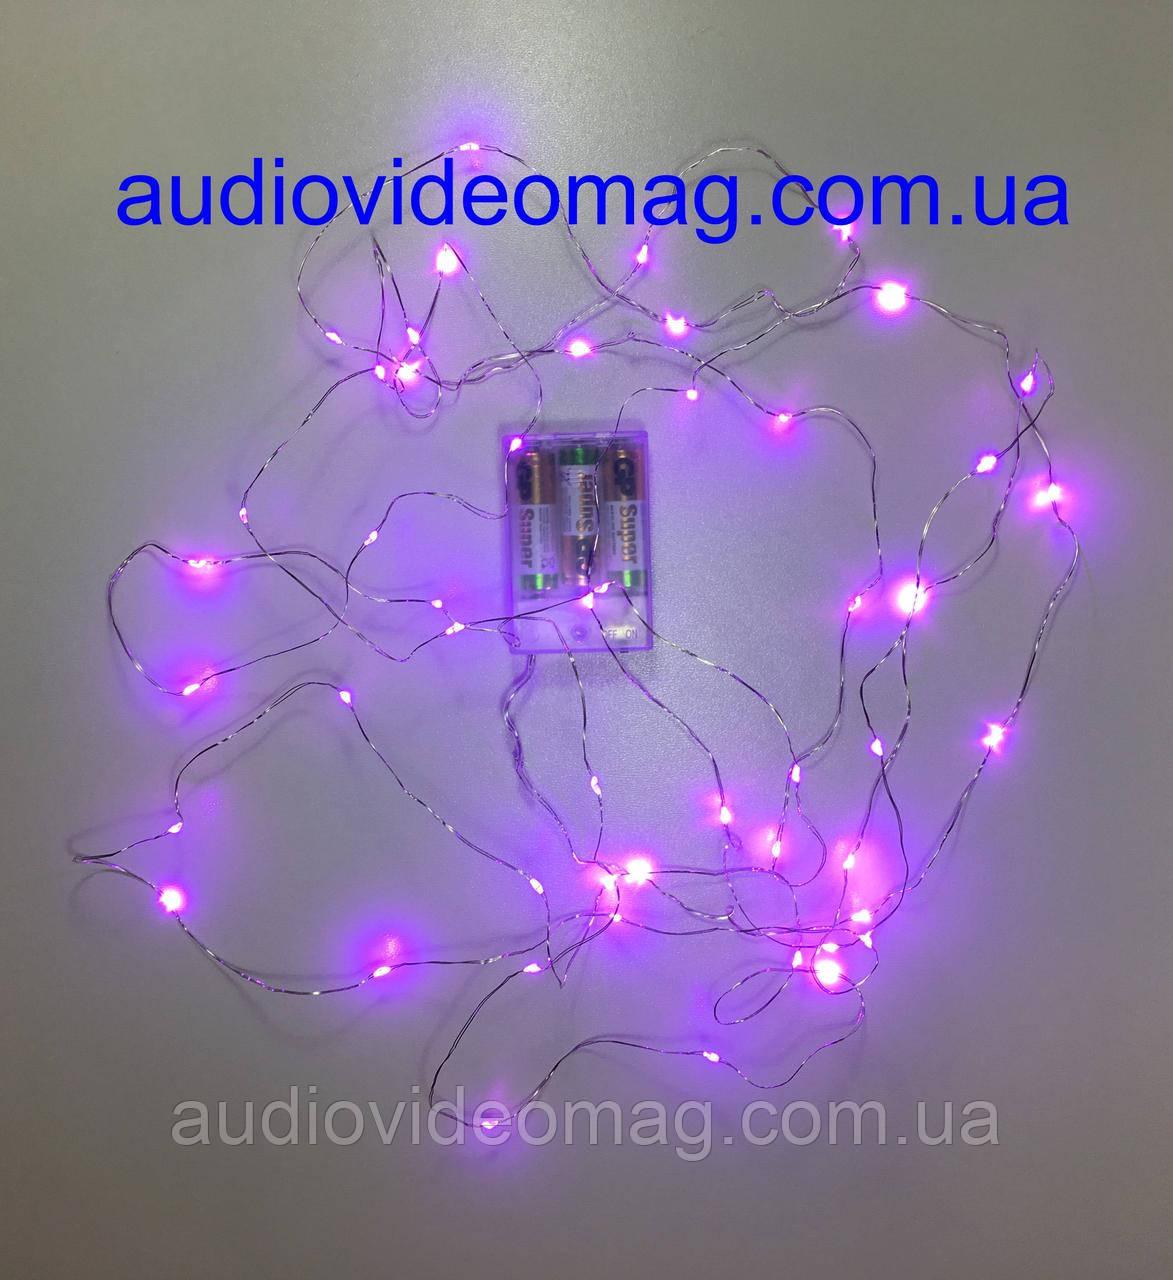 Гірлянда для декору на батарейках, колір бузковий, 10 метрів, 100 світлодіодів